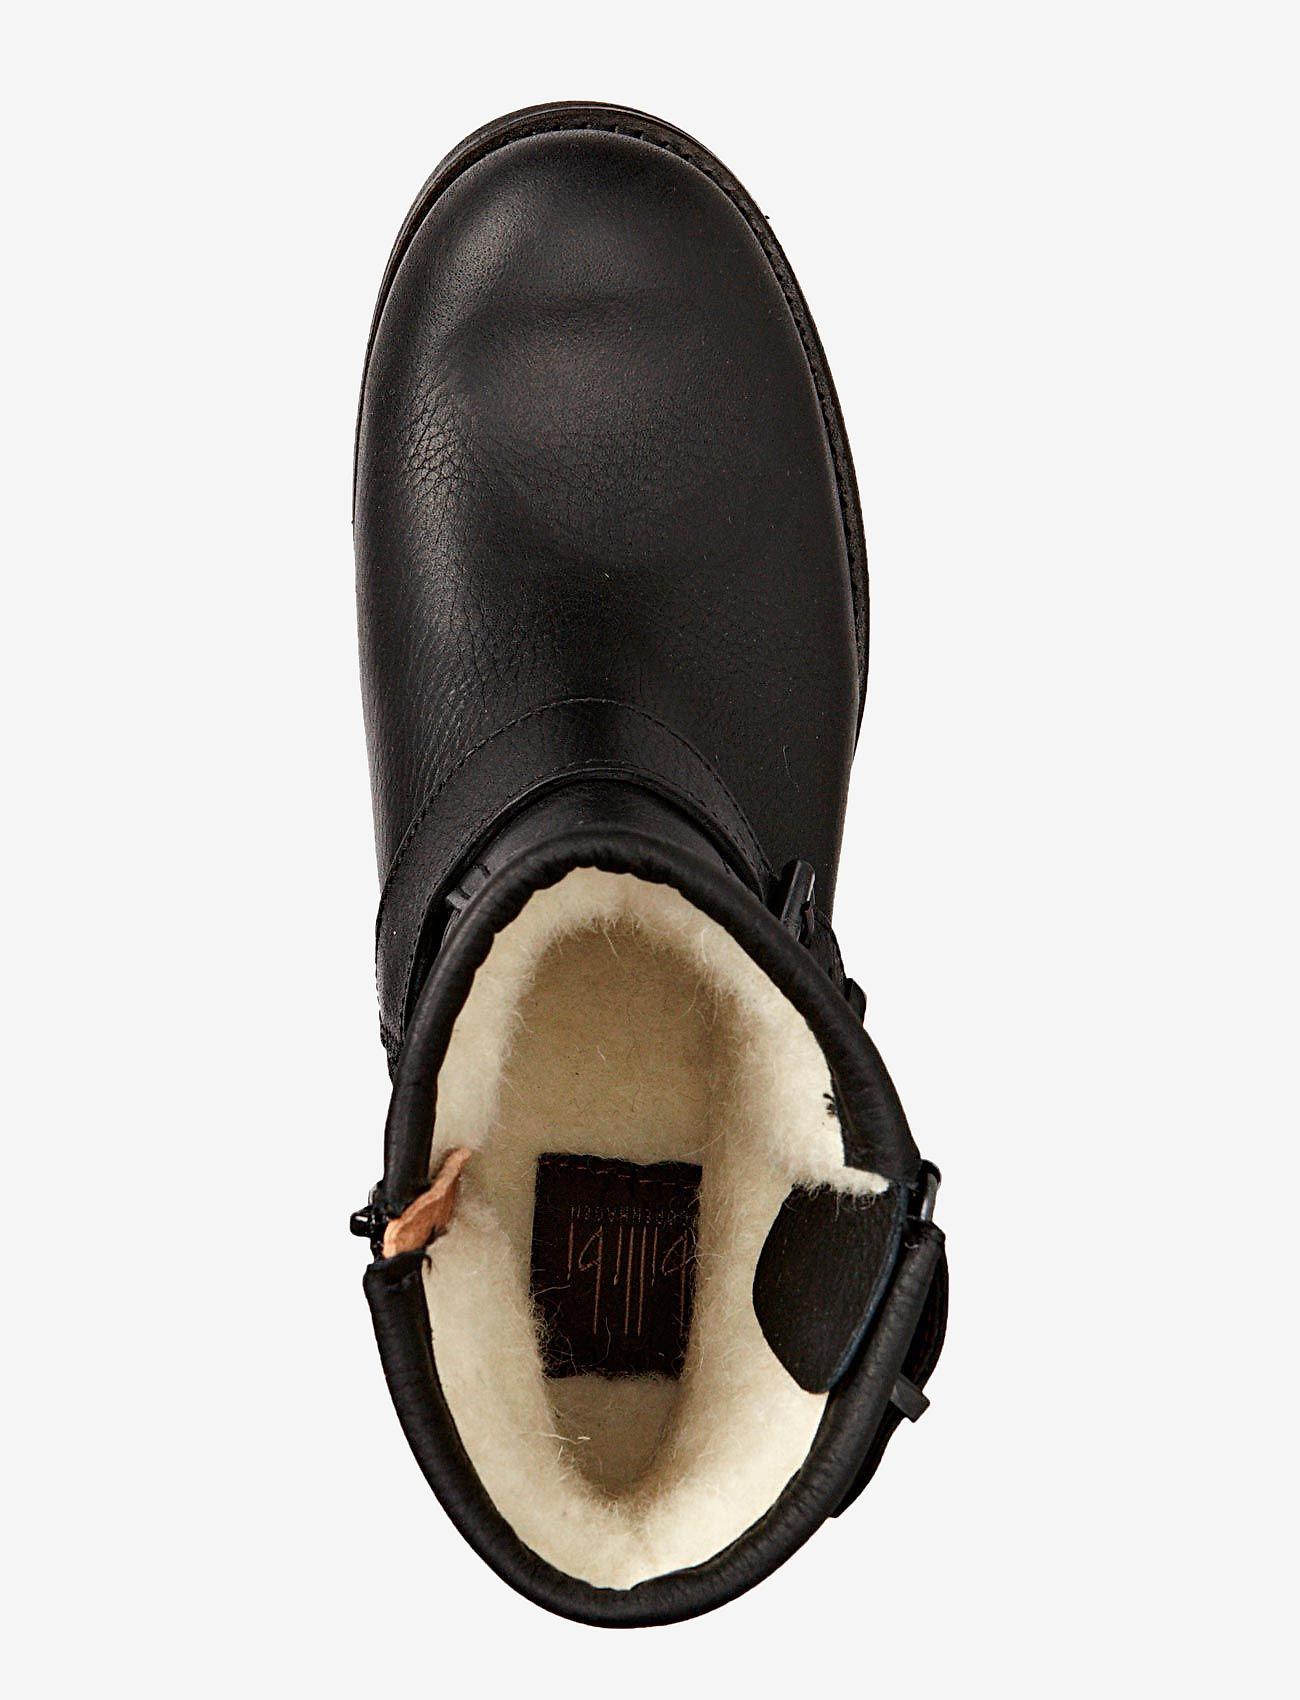 Boots - Warm Lining (Black Tomcat 80) - Billi Bi